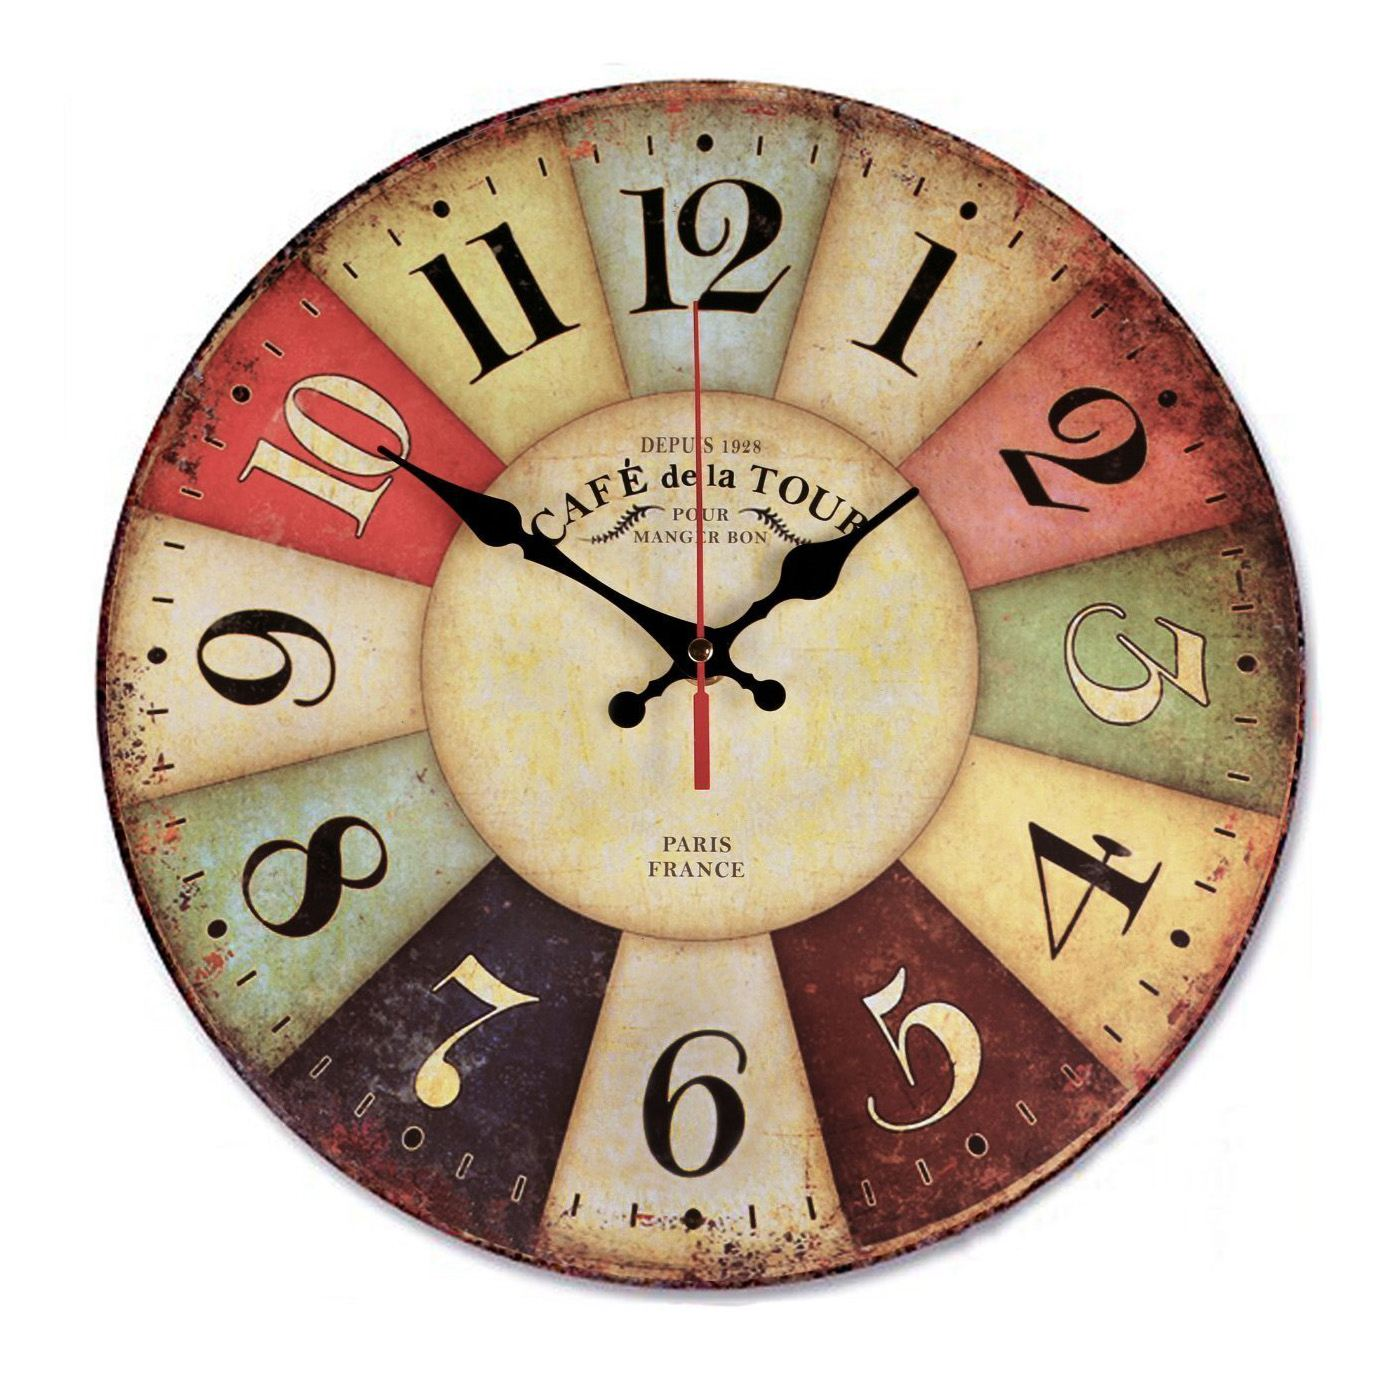 HOT GCZW 12 Inch Retro Wooden Wall Clock Farmhouse Decor